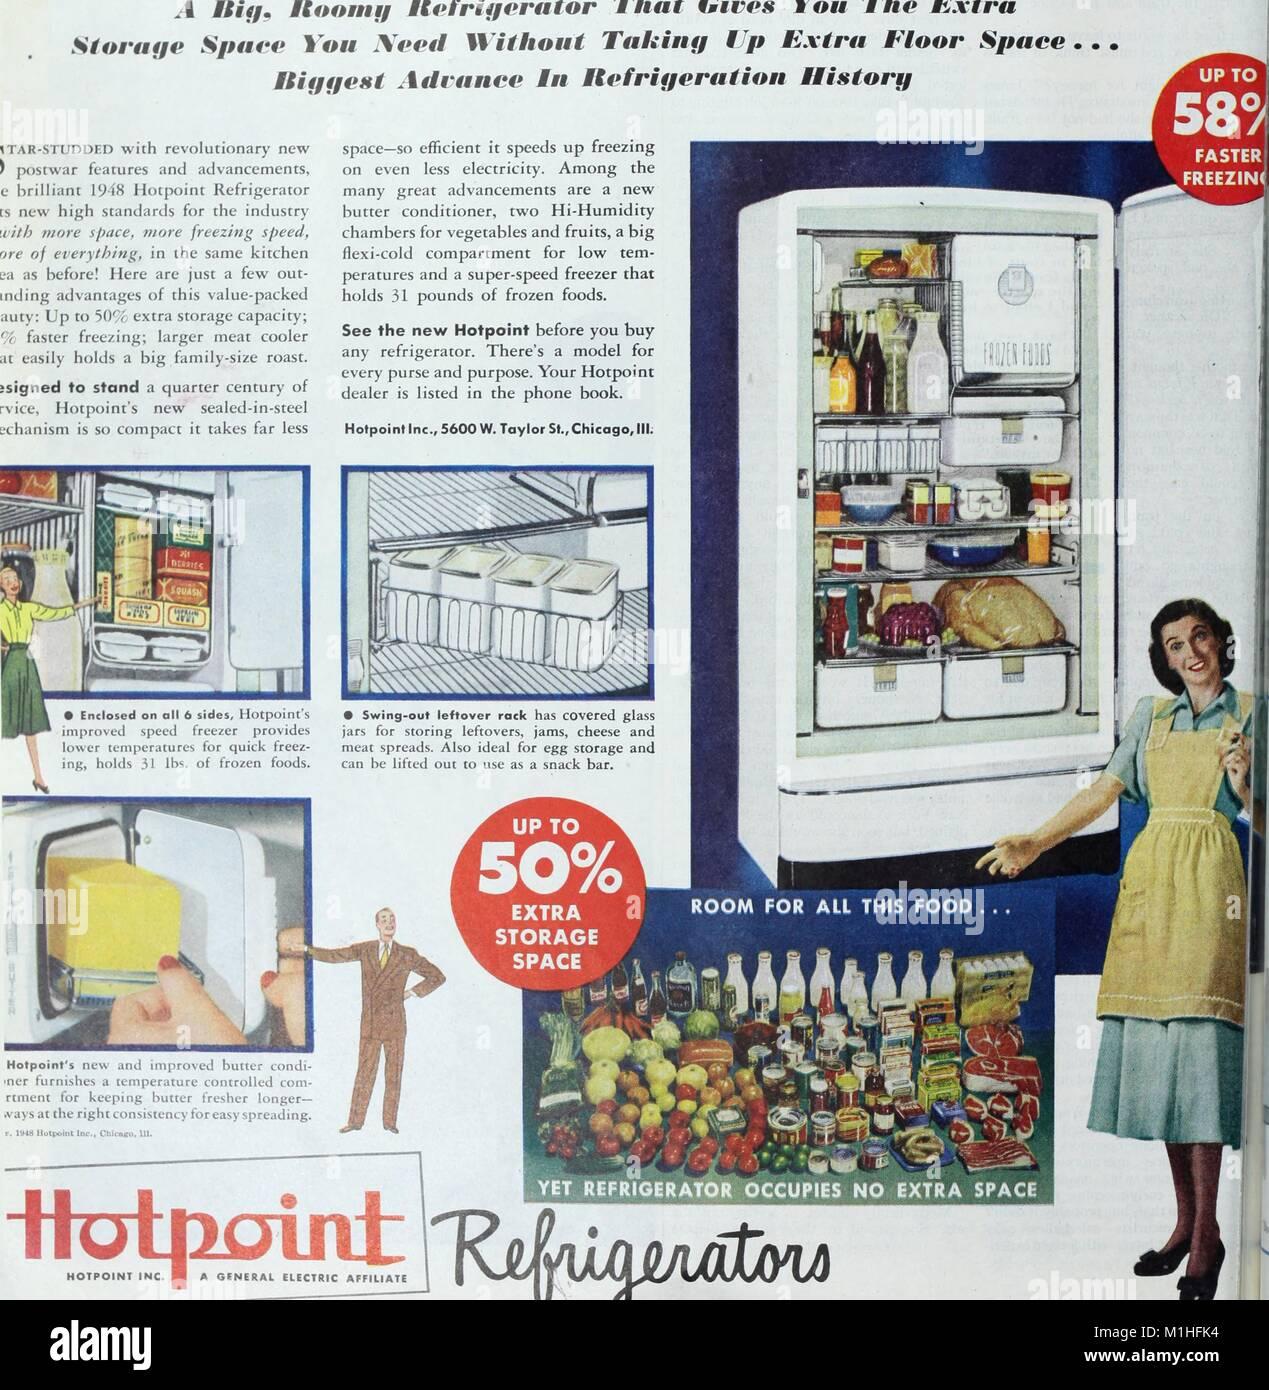 Farbe Abbildung: Werbung Knallerkauf Marke Kühlschrank unter Angabe ...